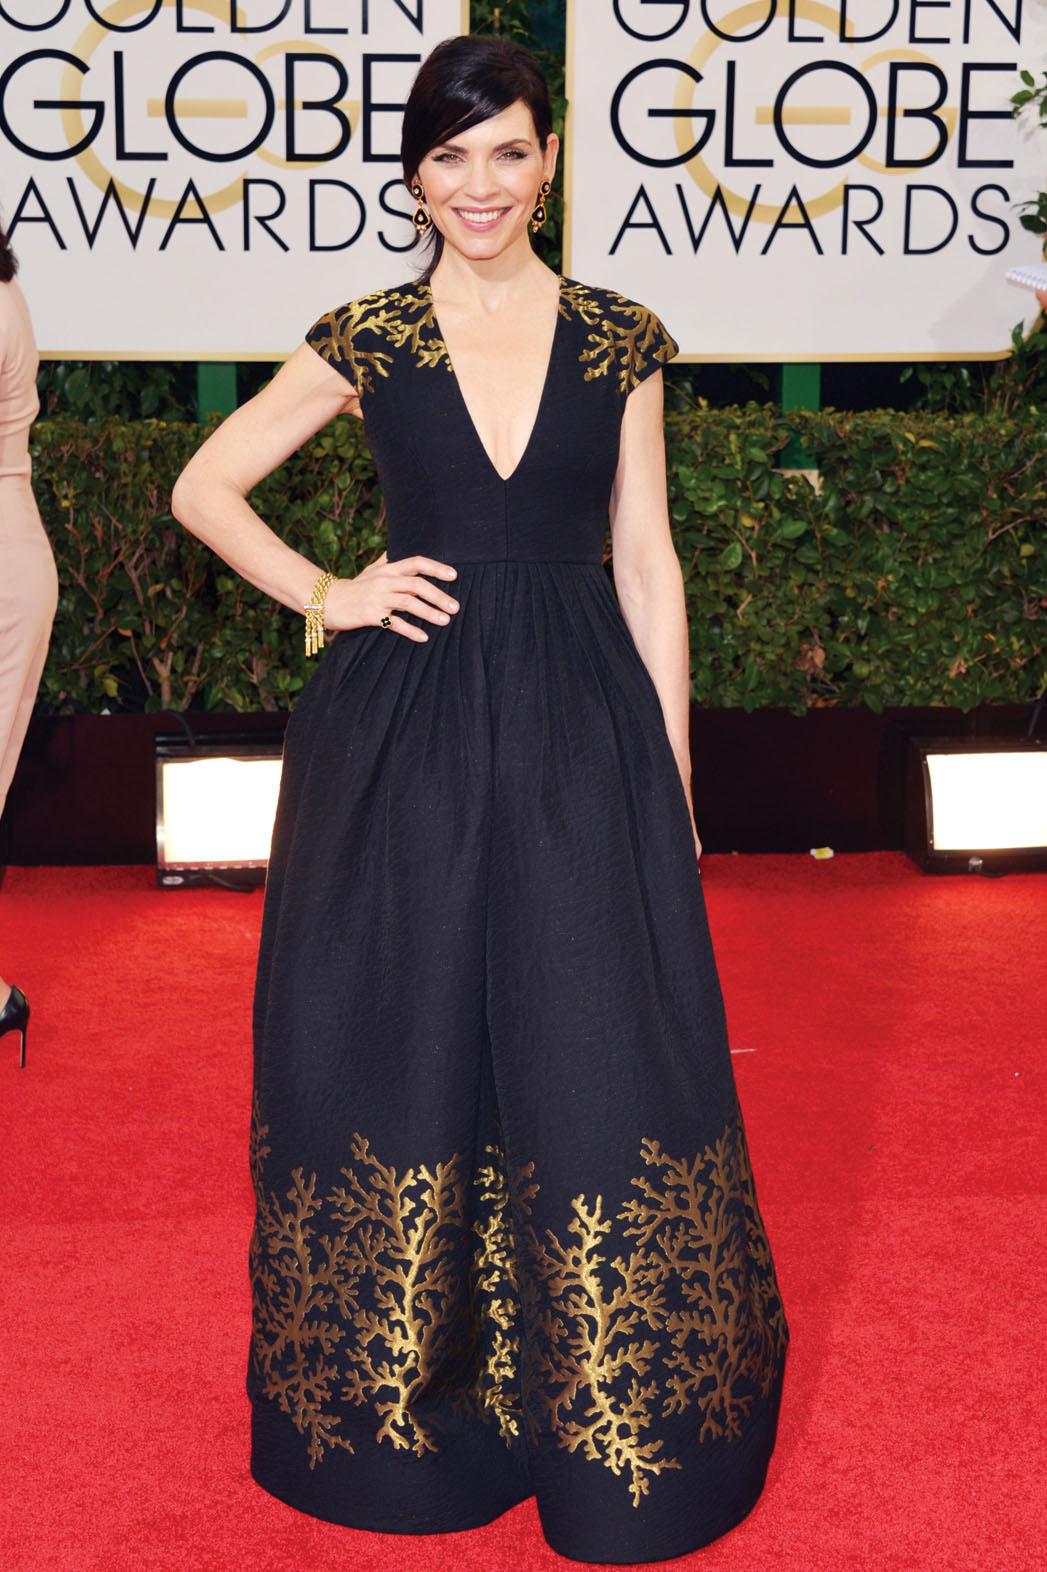 Julianna Margulies Globes Dress - P 2014